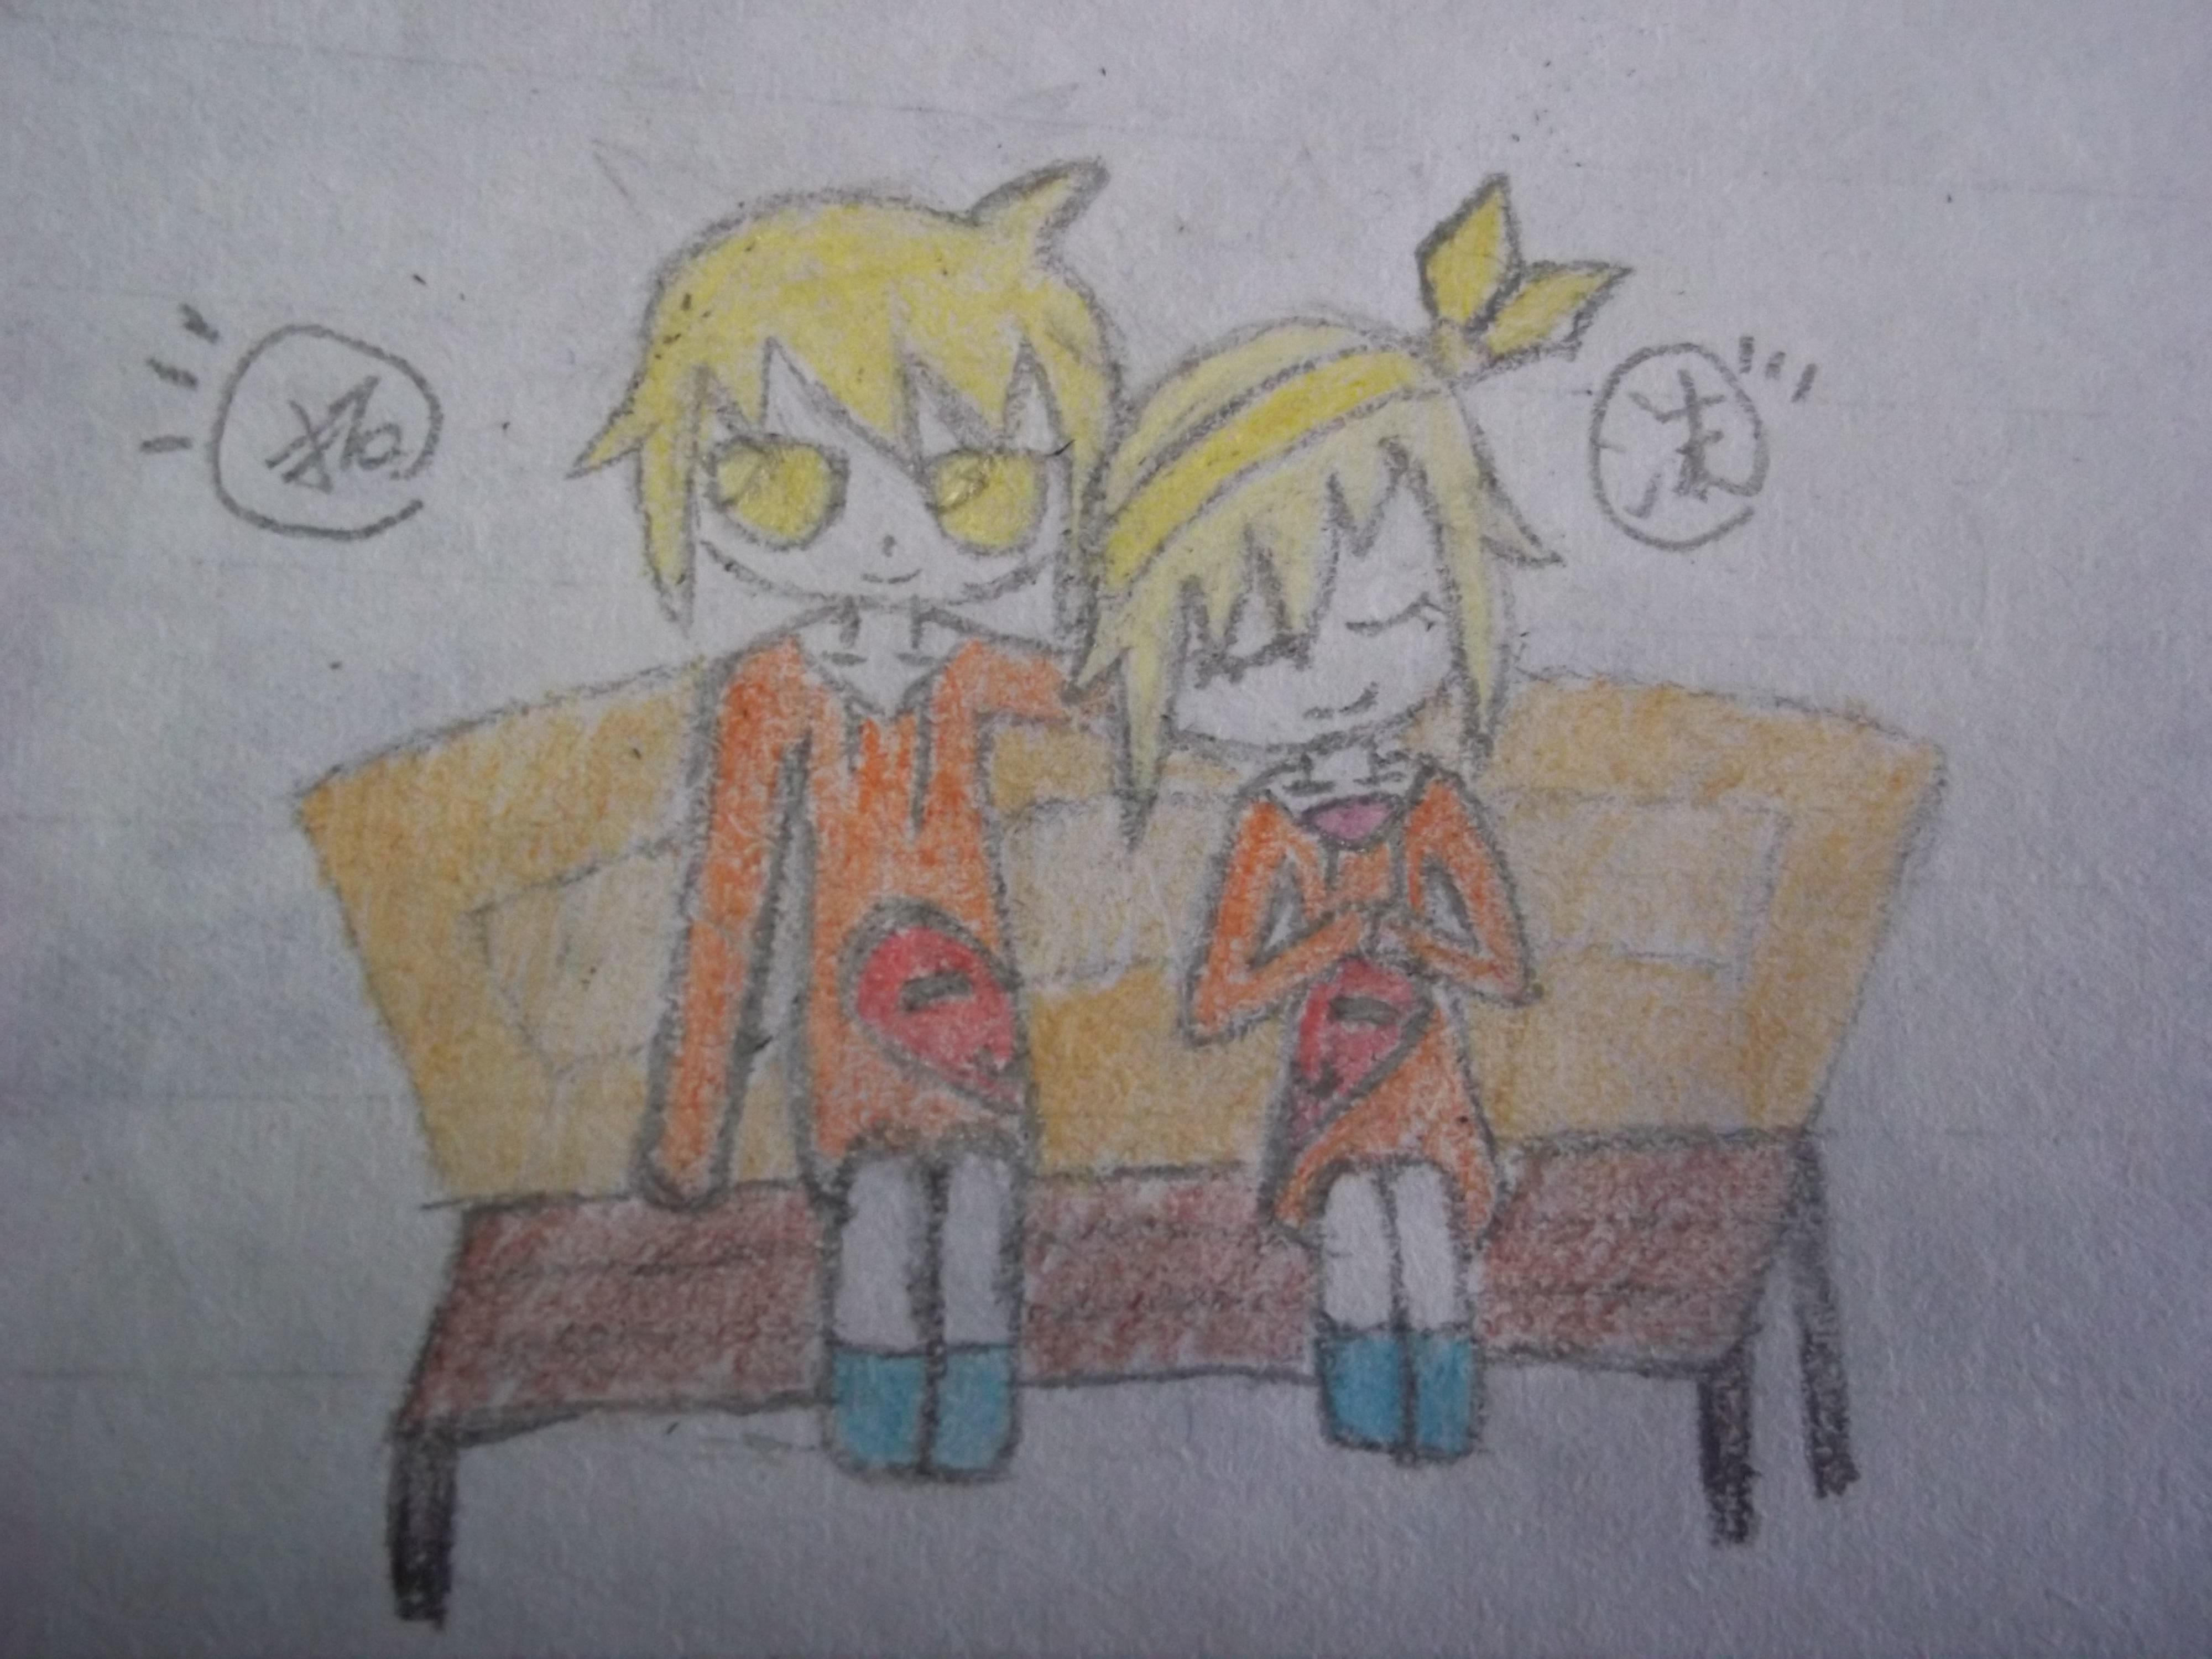 两个人的世界简笔画 两个人的世界图片欣赏 两个人的世界儿童画画作品